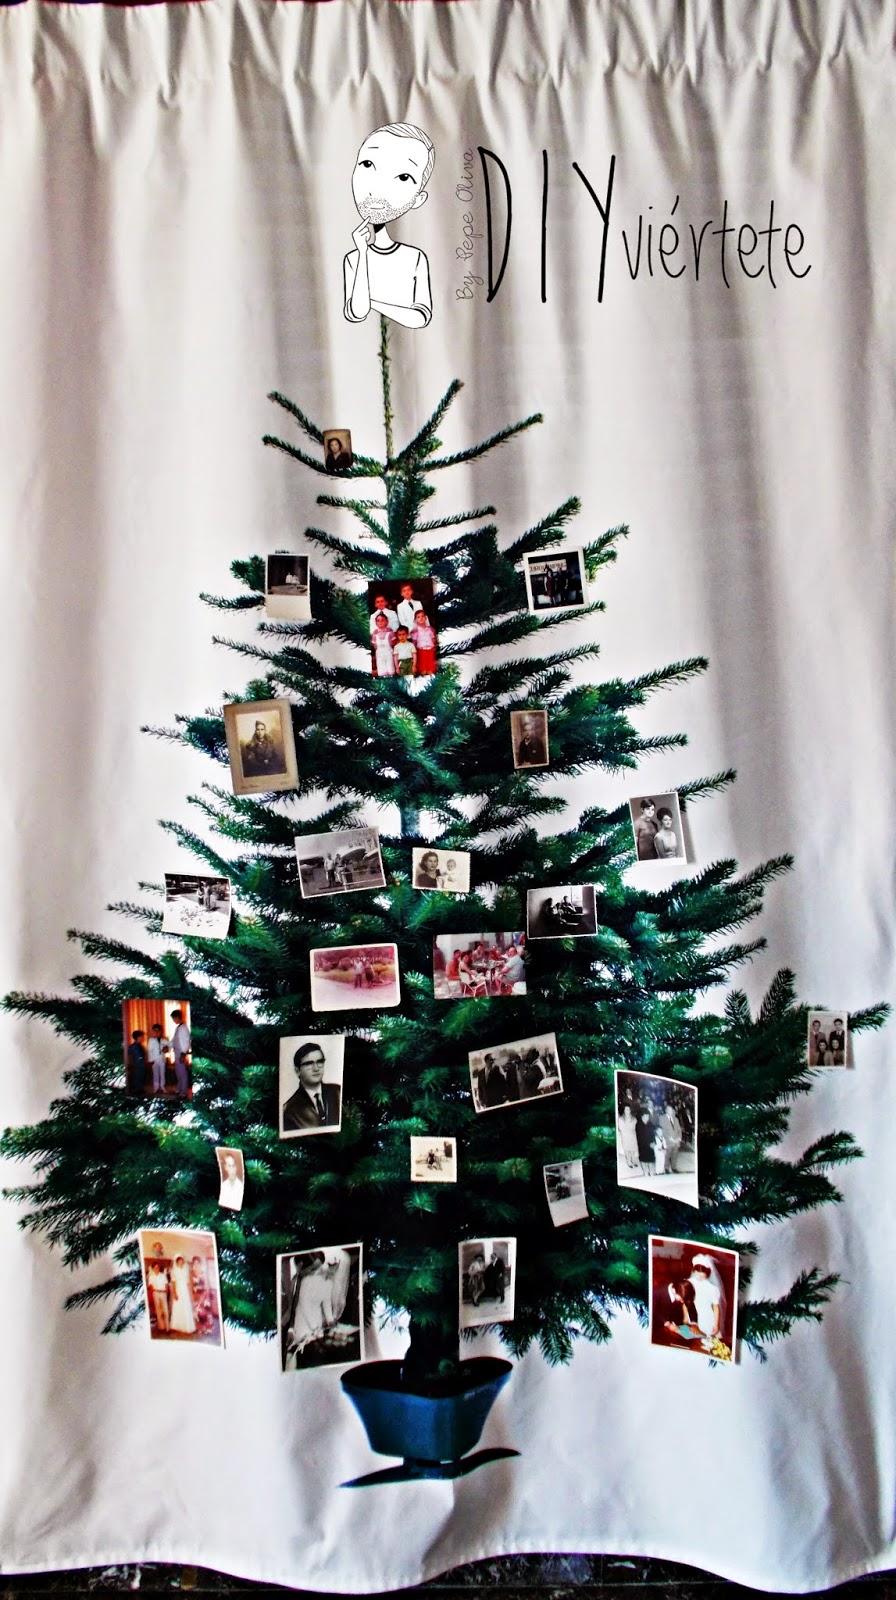 DIY-árbol navidad-textil-coser-costura-pasoapaso-recuerdos-vintage-fotografía-DIYviertete-blogersando-diciembre- (1)gif100